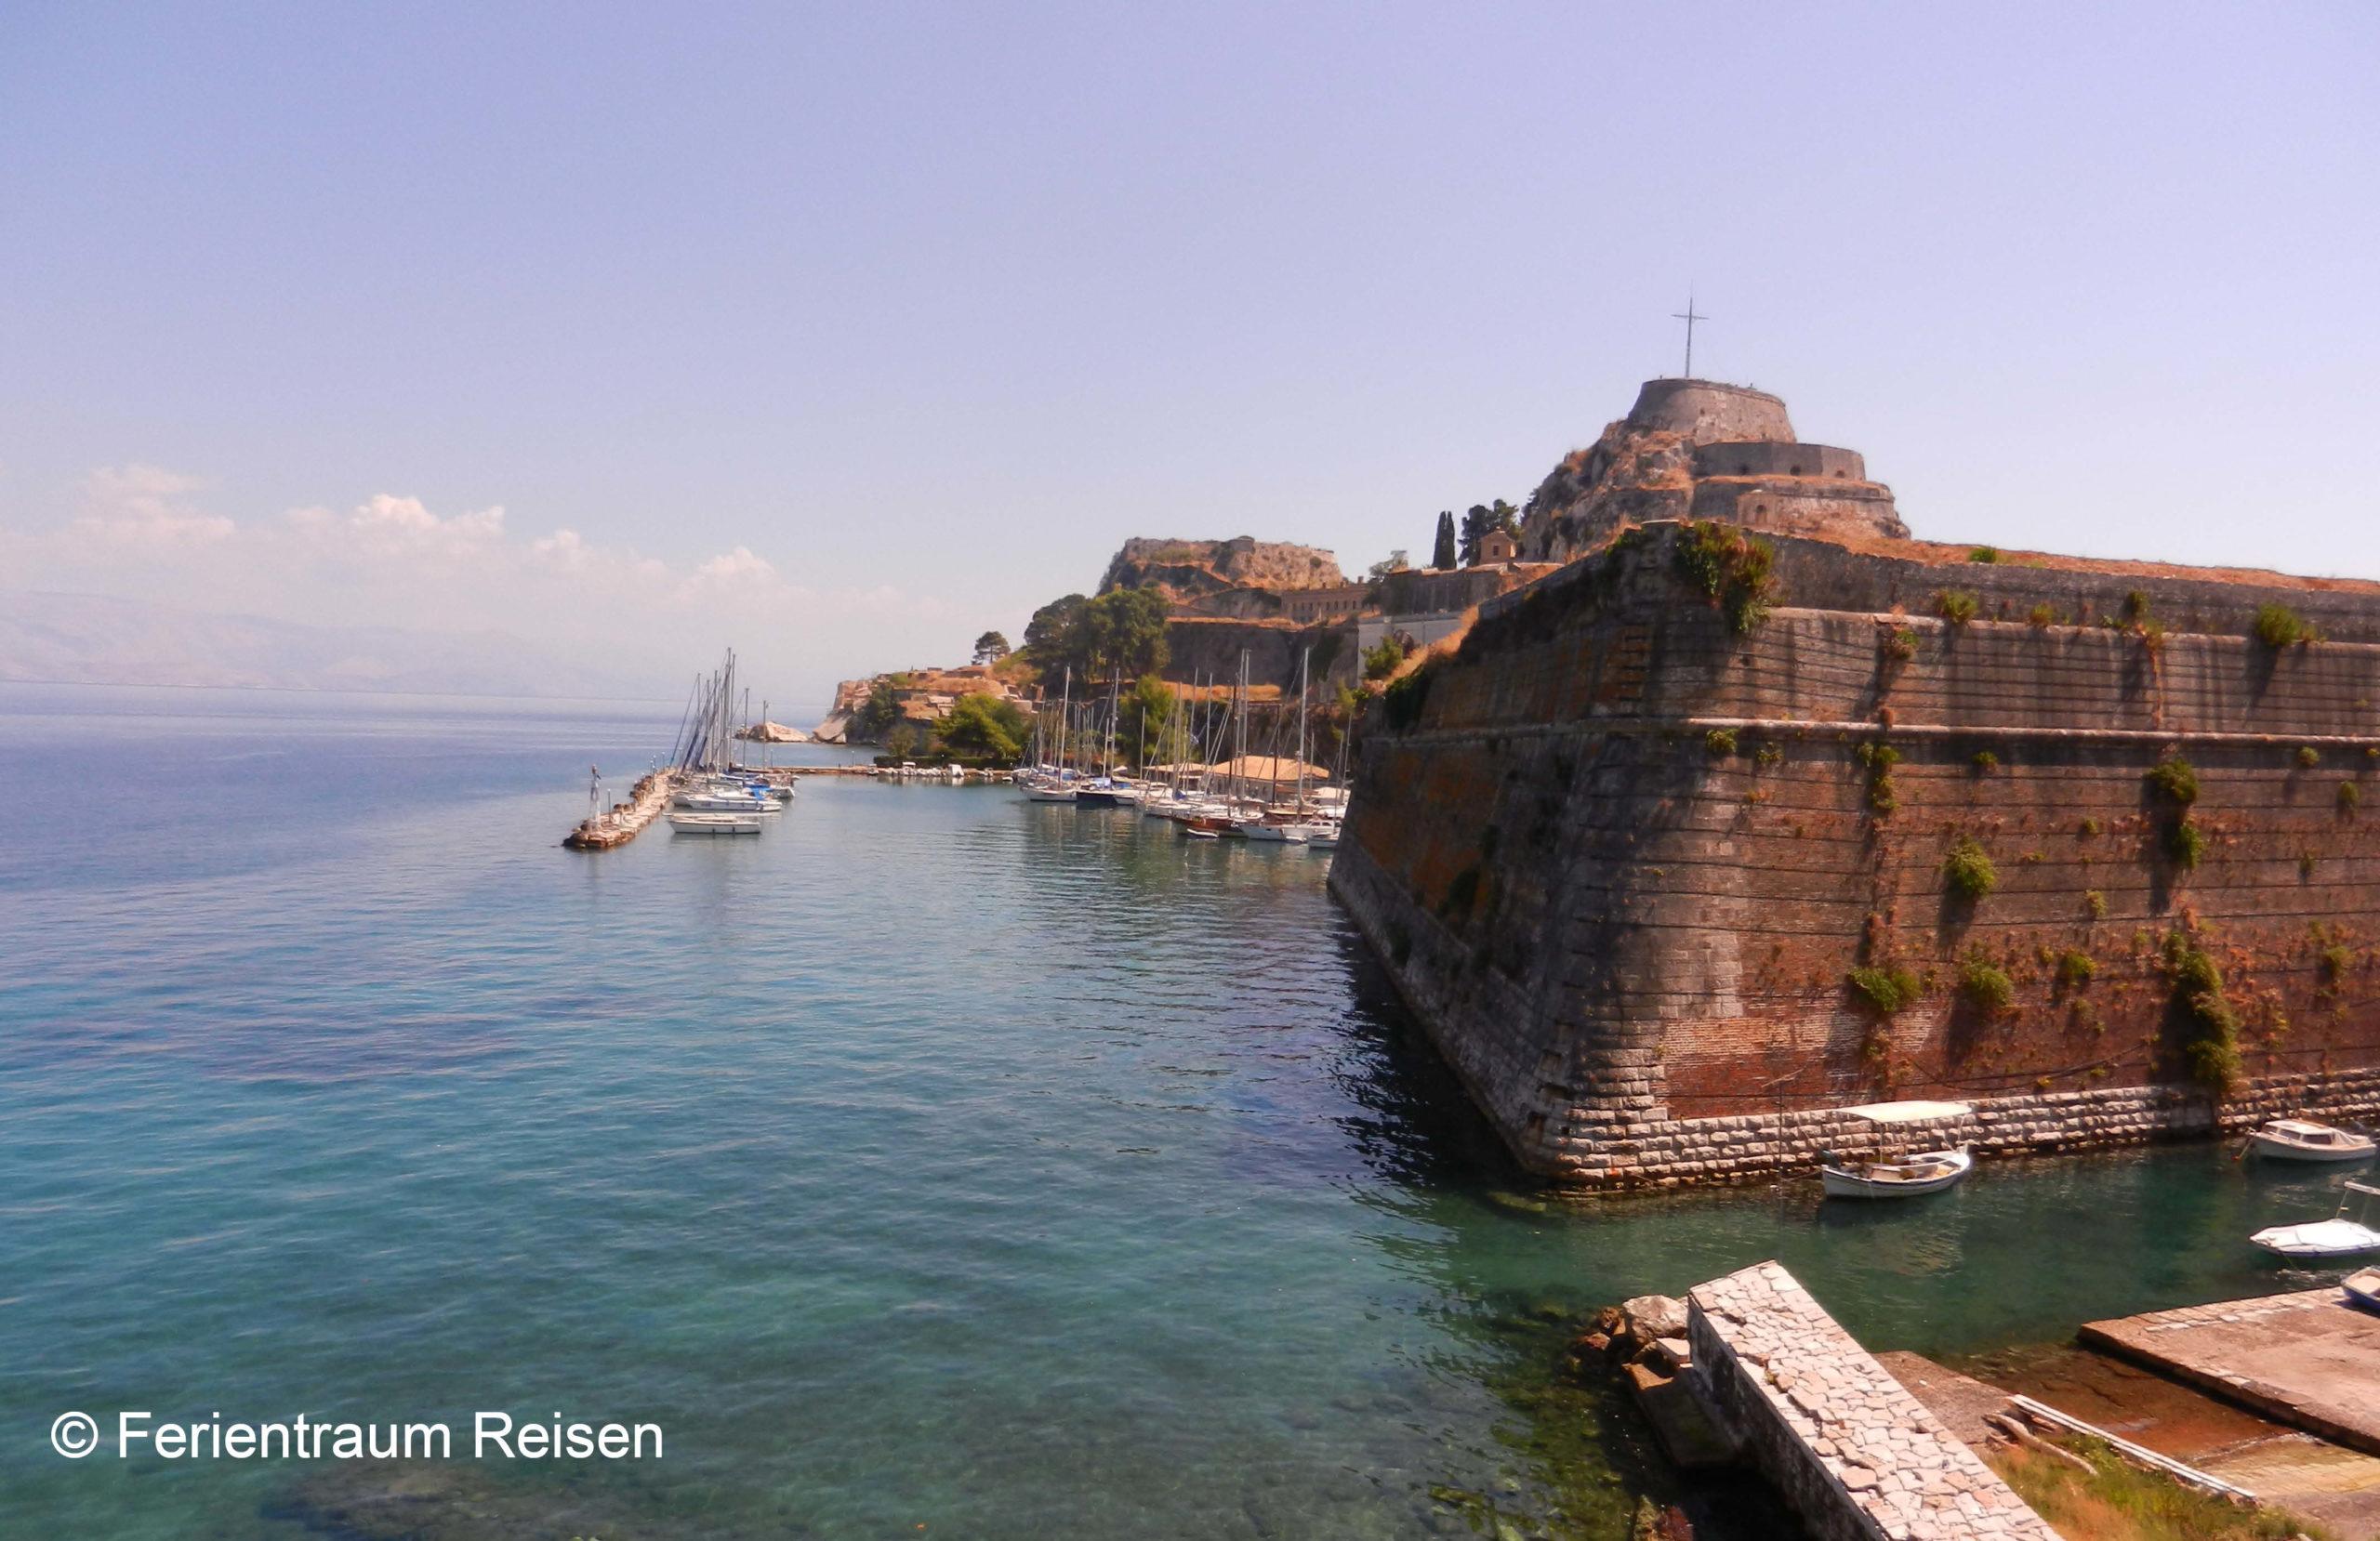 Ferientraum Reisen Kreuzfart Adria Hafen von Korfu